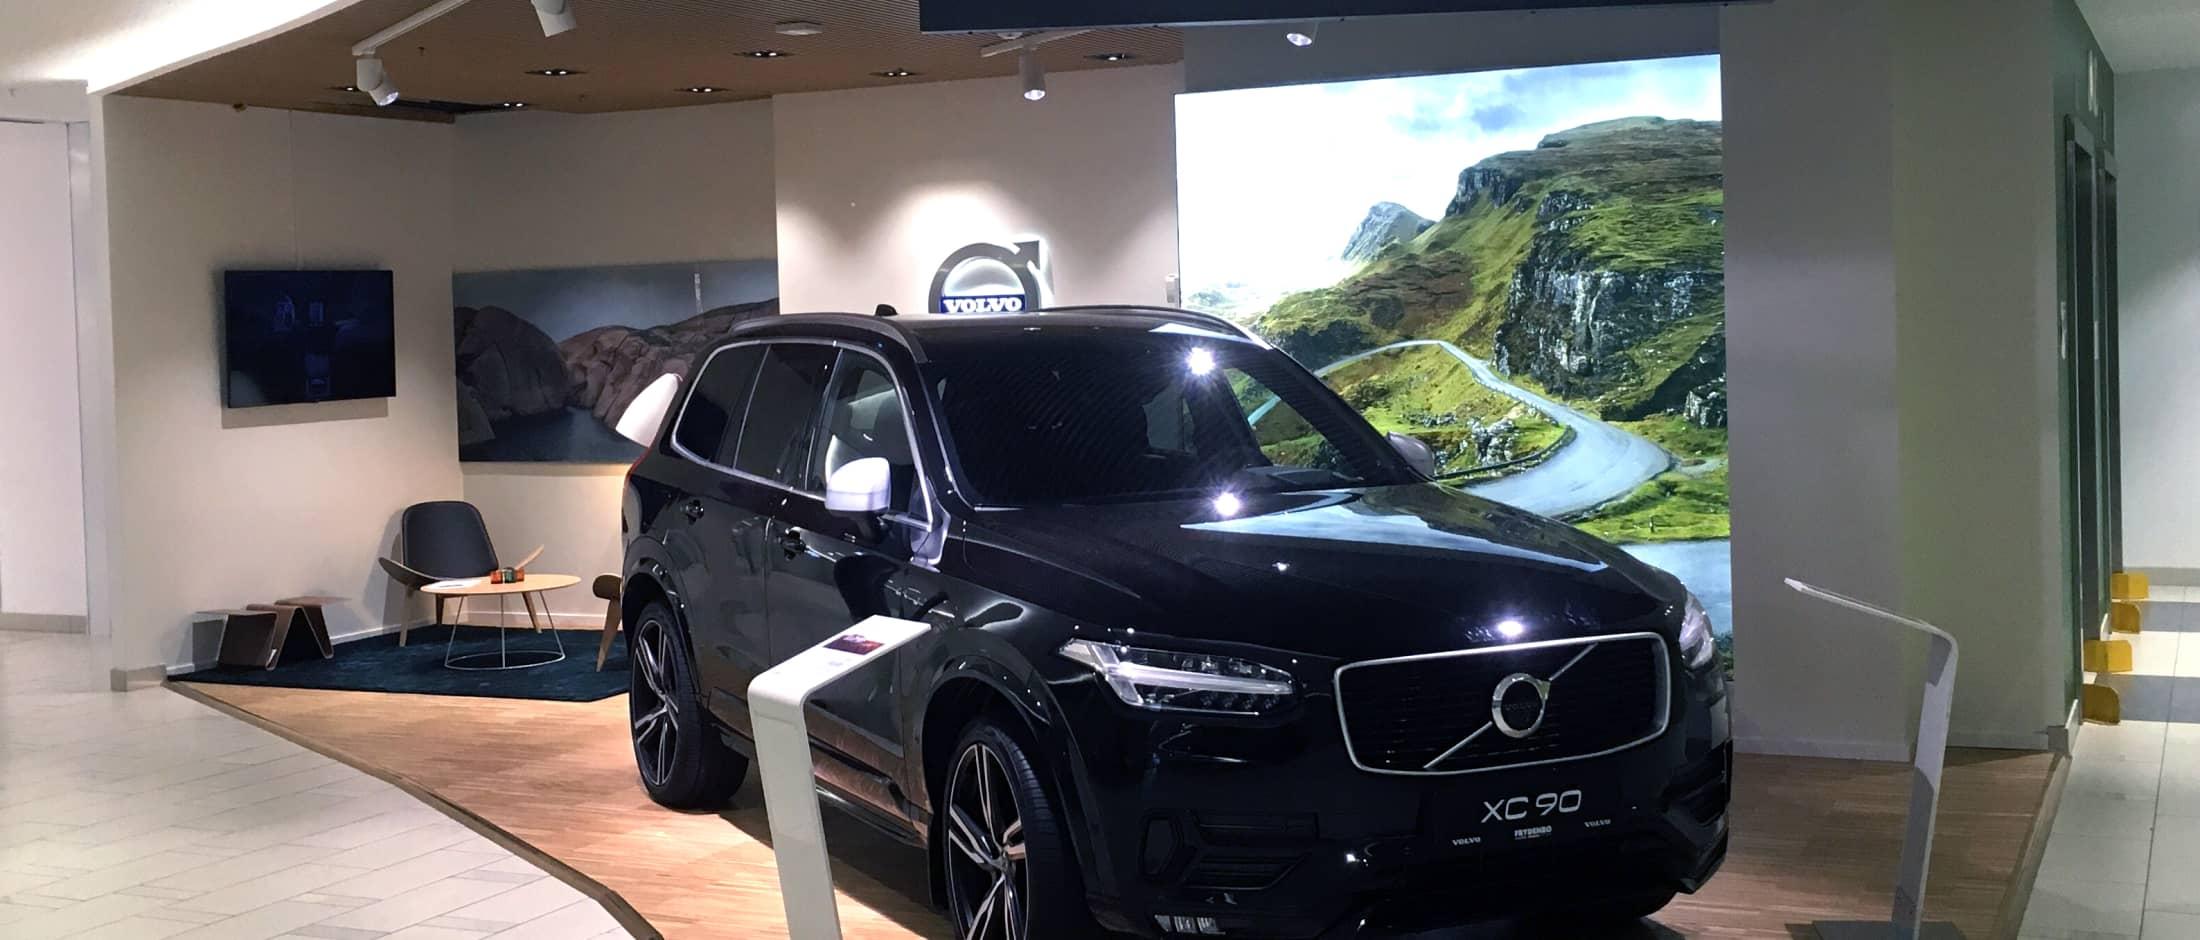 Frydenbø er på Sartor Senter i sitt showroom hvor vi her har en XC90 på display.